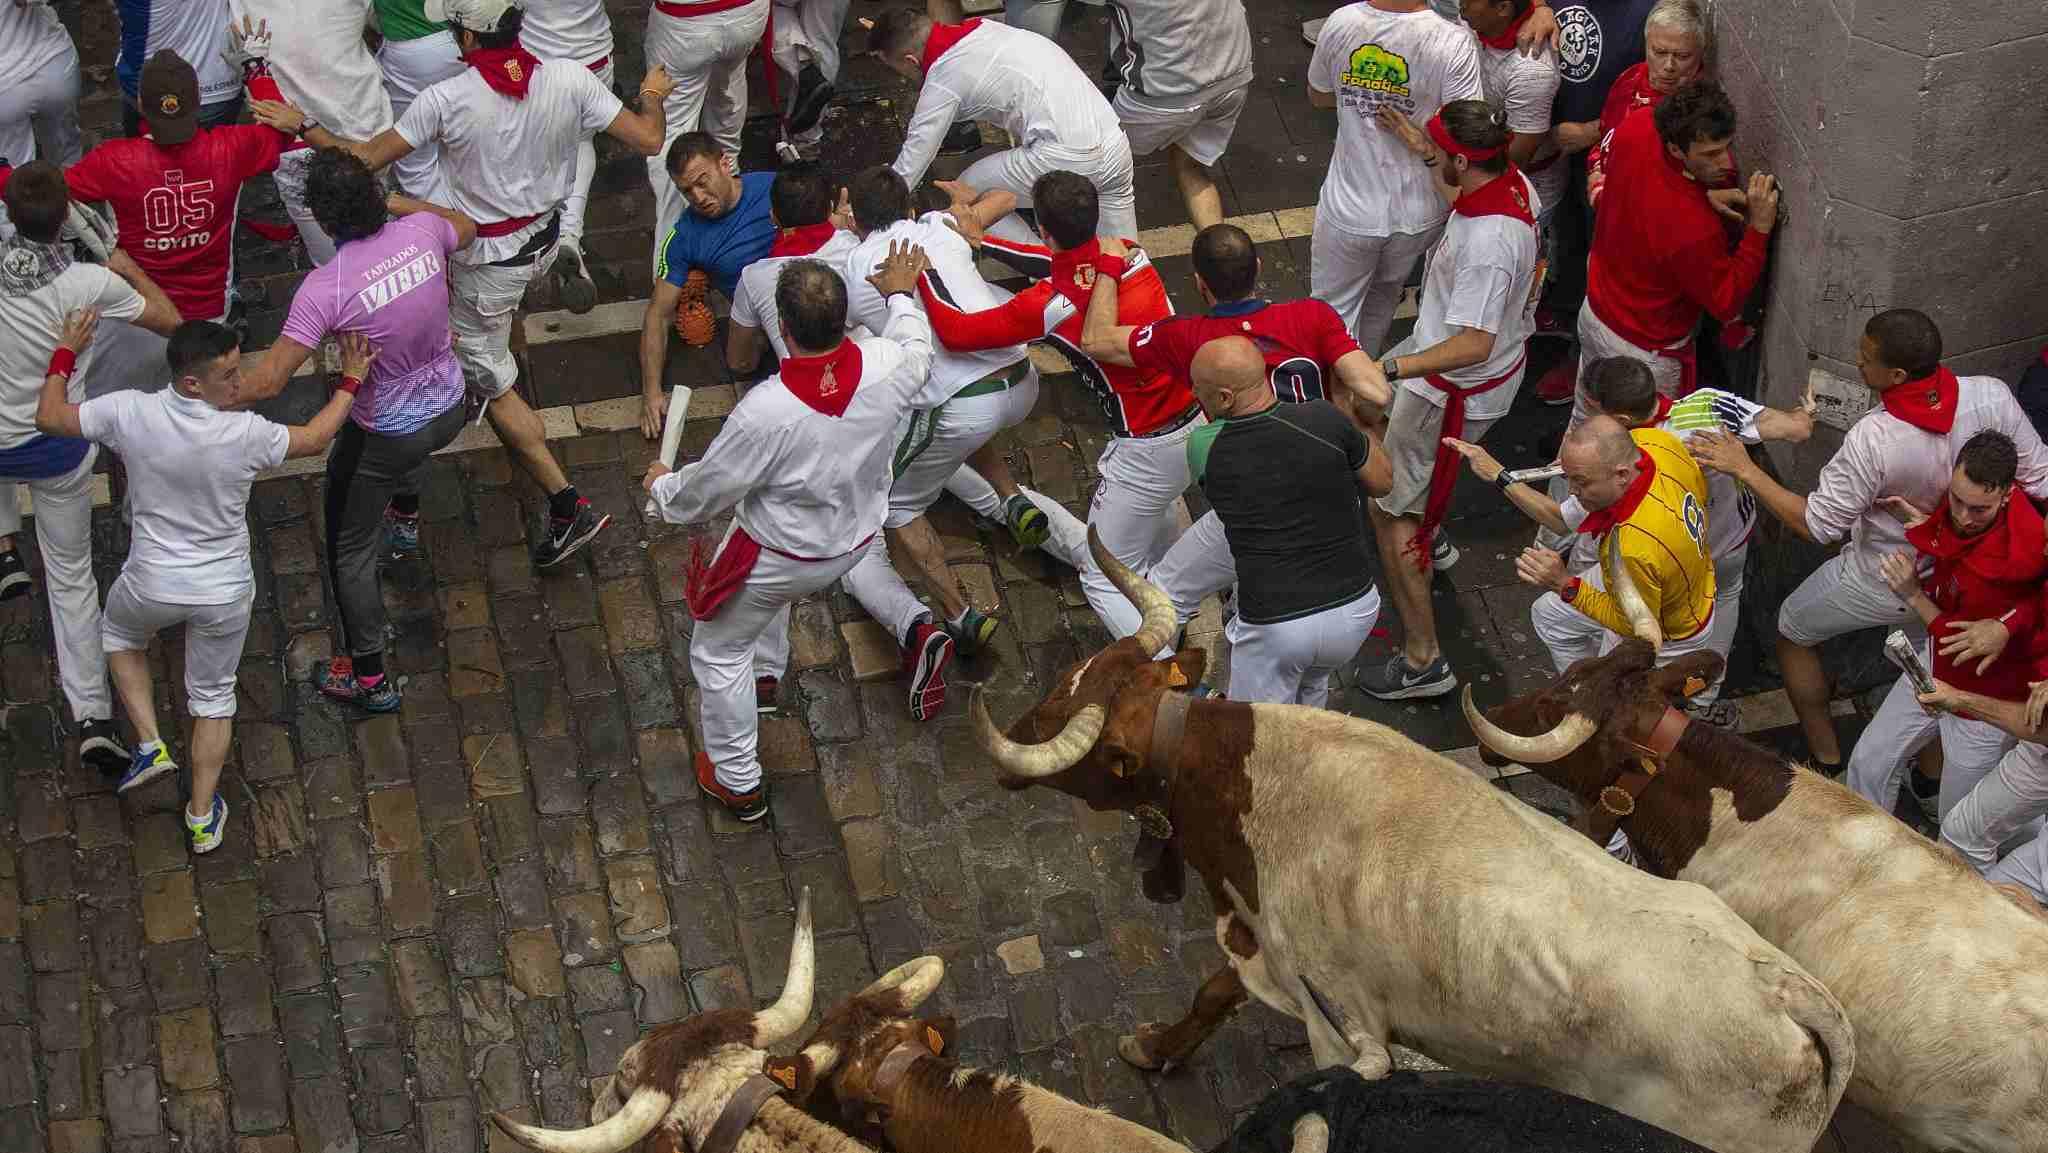 Spain's San Fermin festival bull running injures five